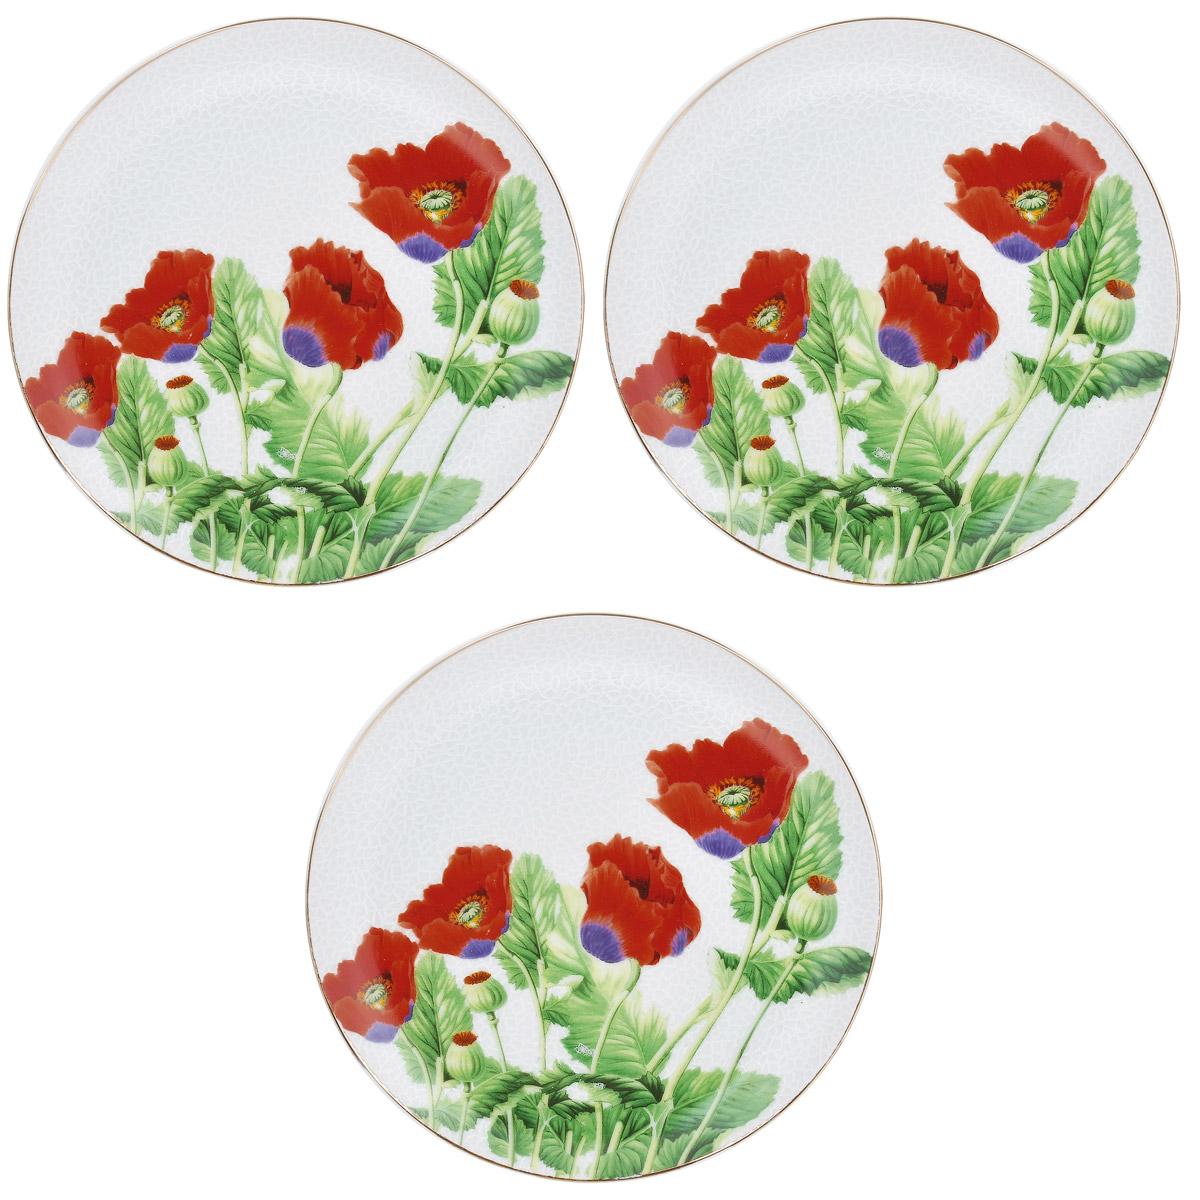 Набор тарелок Briswild Цветы мака, диаметр 18,5 см, 3 шт. 545-765545-765Набор тарелок Briswild Цветы мака, выполненный из высококачественного фарфора, состоит из 3 тарелок. Тарелки оформлены изысканным рисунком в виде мака. Они сочетают в себе изысканный дизайн с максимальной функциональностью. Оригинальность оформления тарелок придется по вкусу и ценителям классики, и тем, кто предпочитает утонченность и изящность. Набор тарелок Briswild Цветы мака послужит отличным подарком к любому празднику. Не использовать в СВЧ печах. Не применять абразивные чистящие вещества.